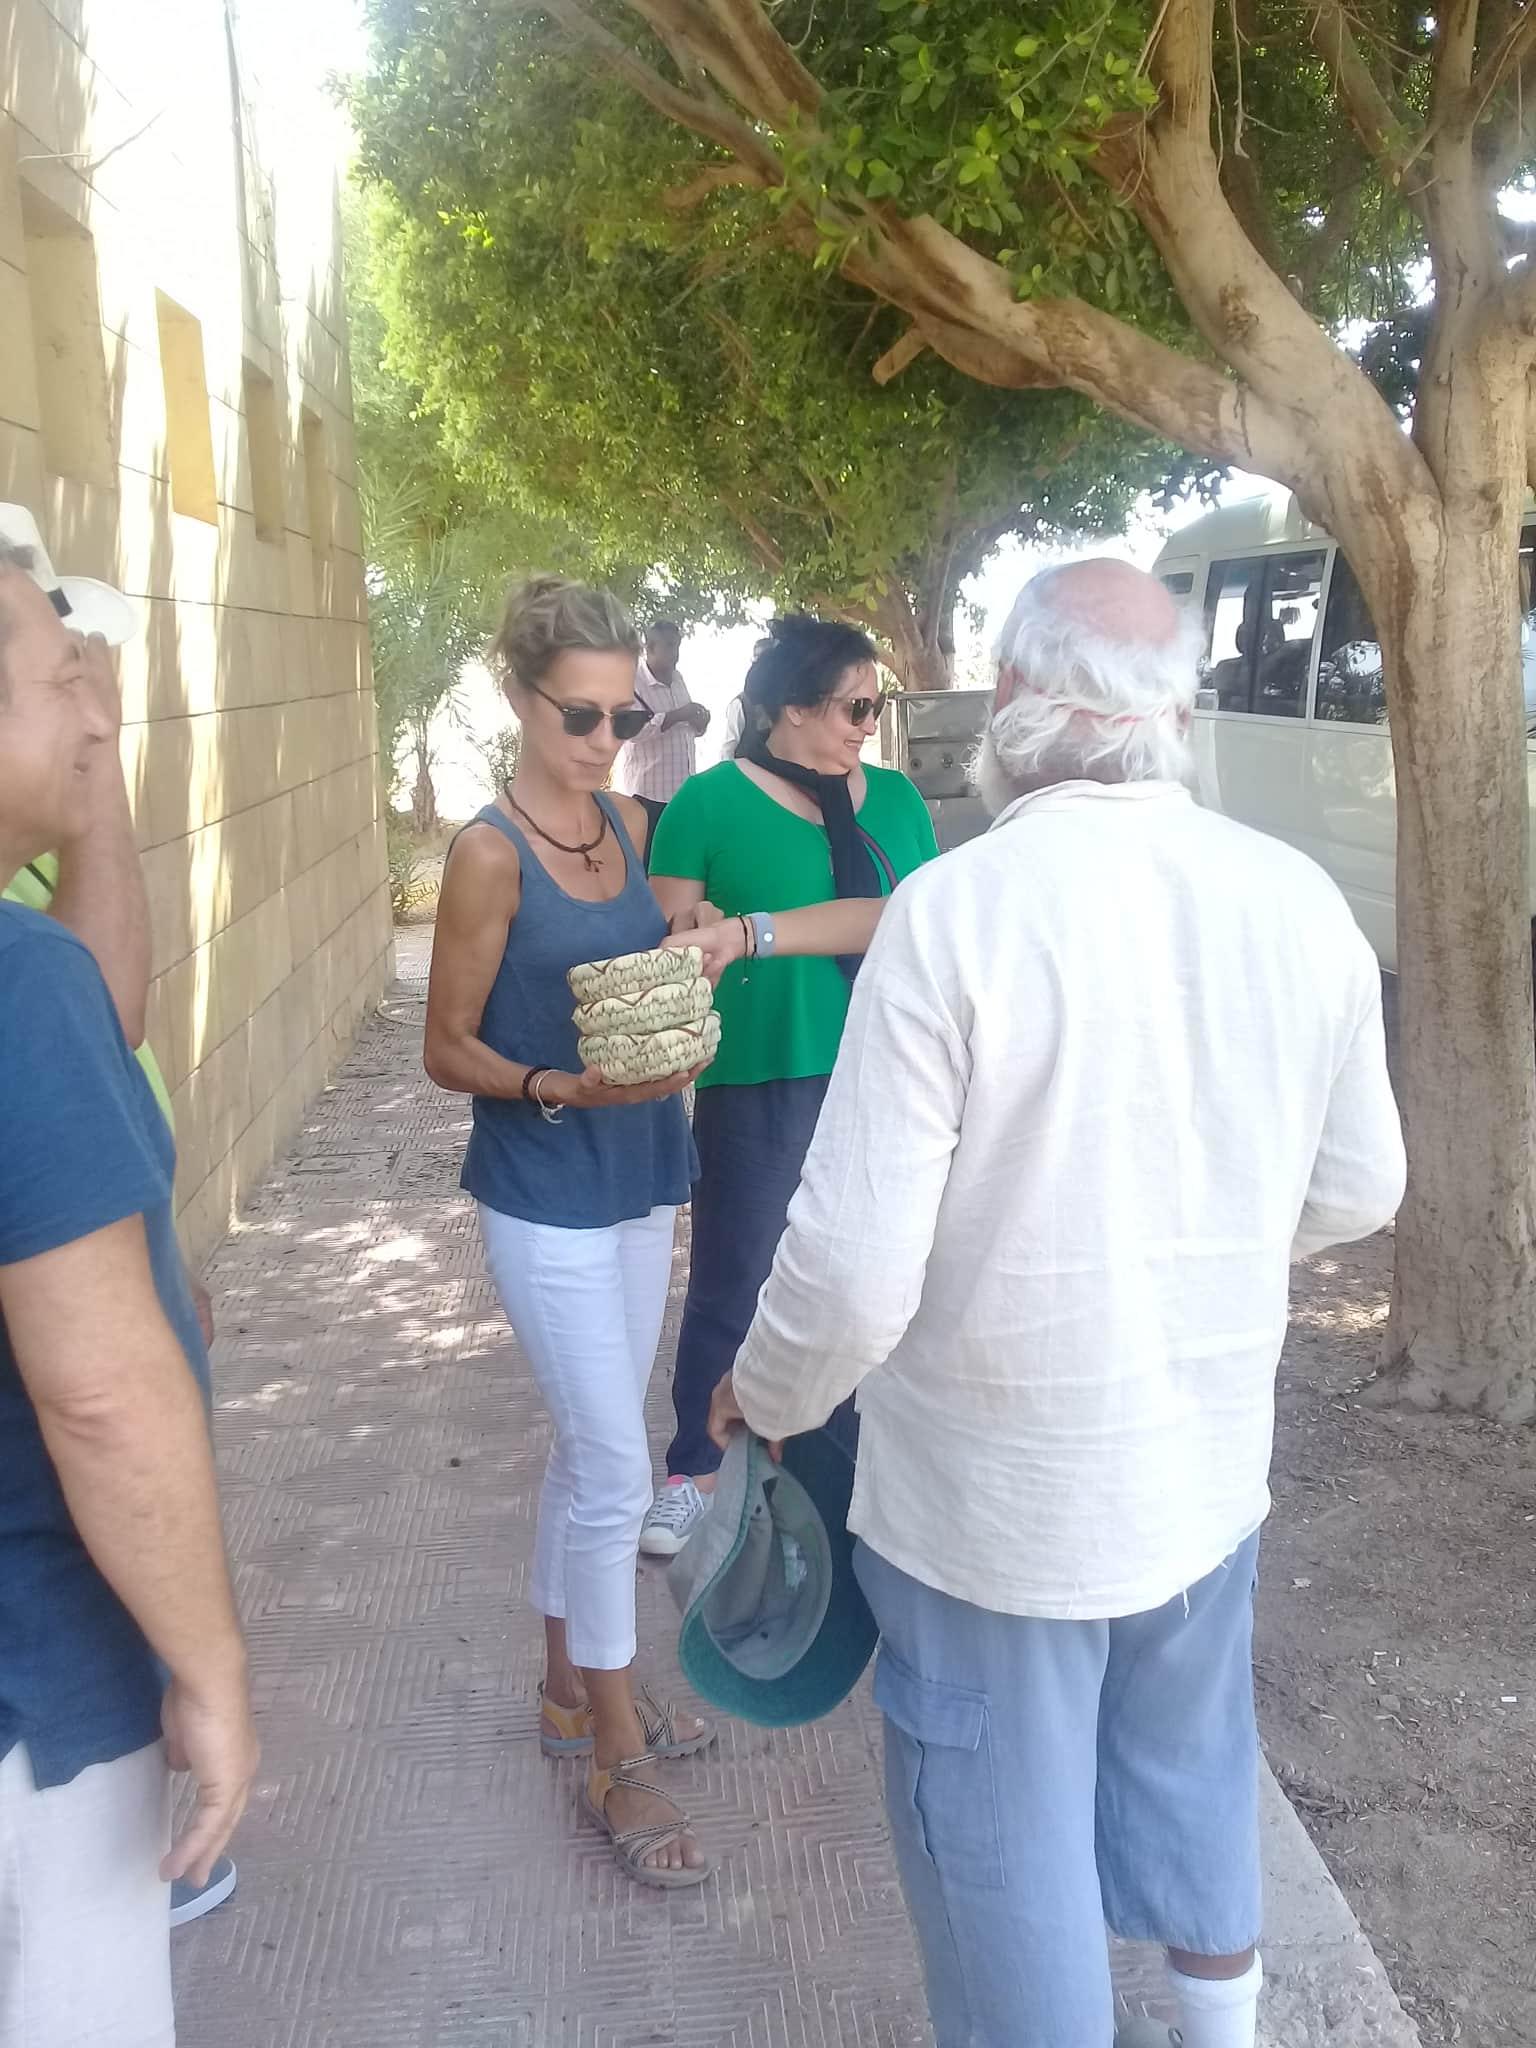 وفود سياحية تزور آثار تل العمارنة (4)